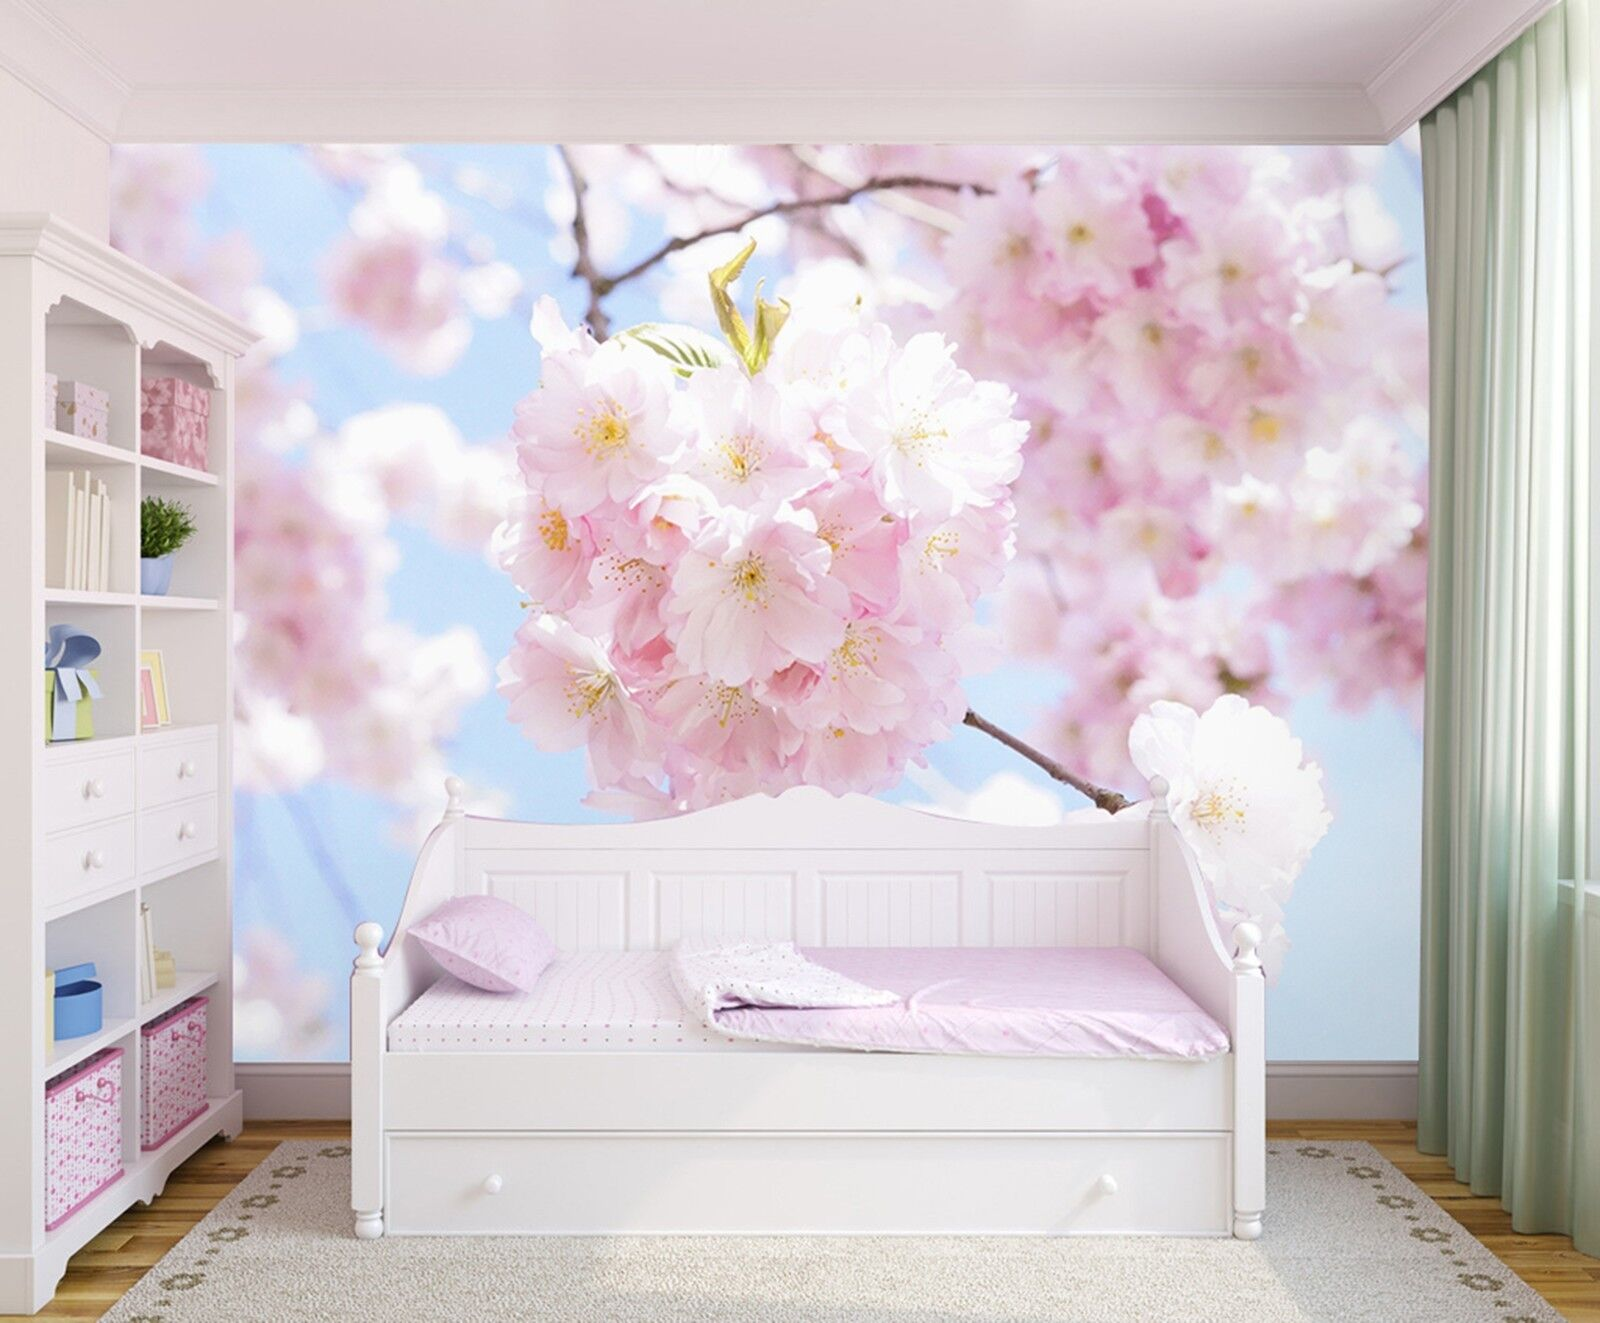 3D Rosa Pfirsich Frühling 8757 Tapete Wandgemälde Wandgemälde Wandgemälde Tapeten Bild Familie DE Lemon | Zu verkaufen  | Sonderangebot  | Die Farbe ist sehr auffällig  0a49fa